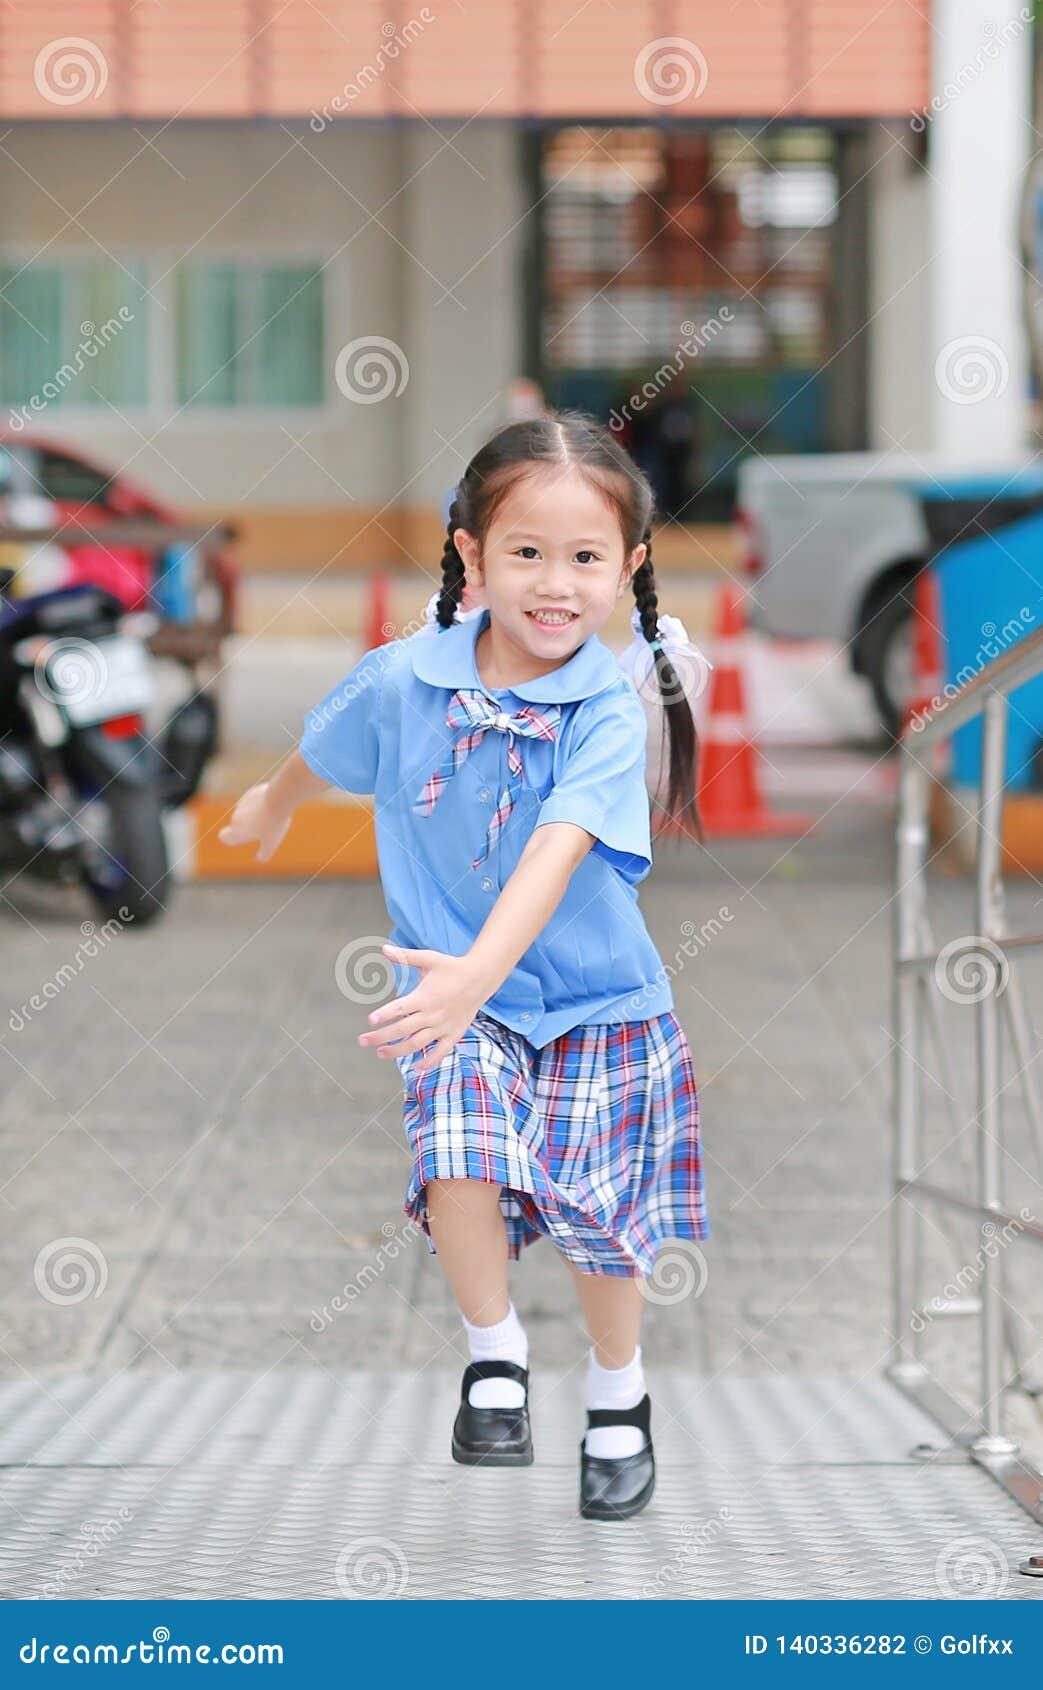 Petite fille asiatique de sourire d enfant dans l uniforme scolaire fonctionnant vers le haut de l escalier en métal